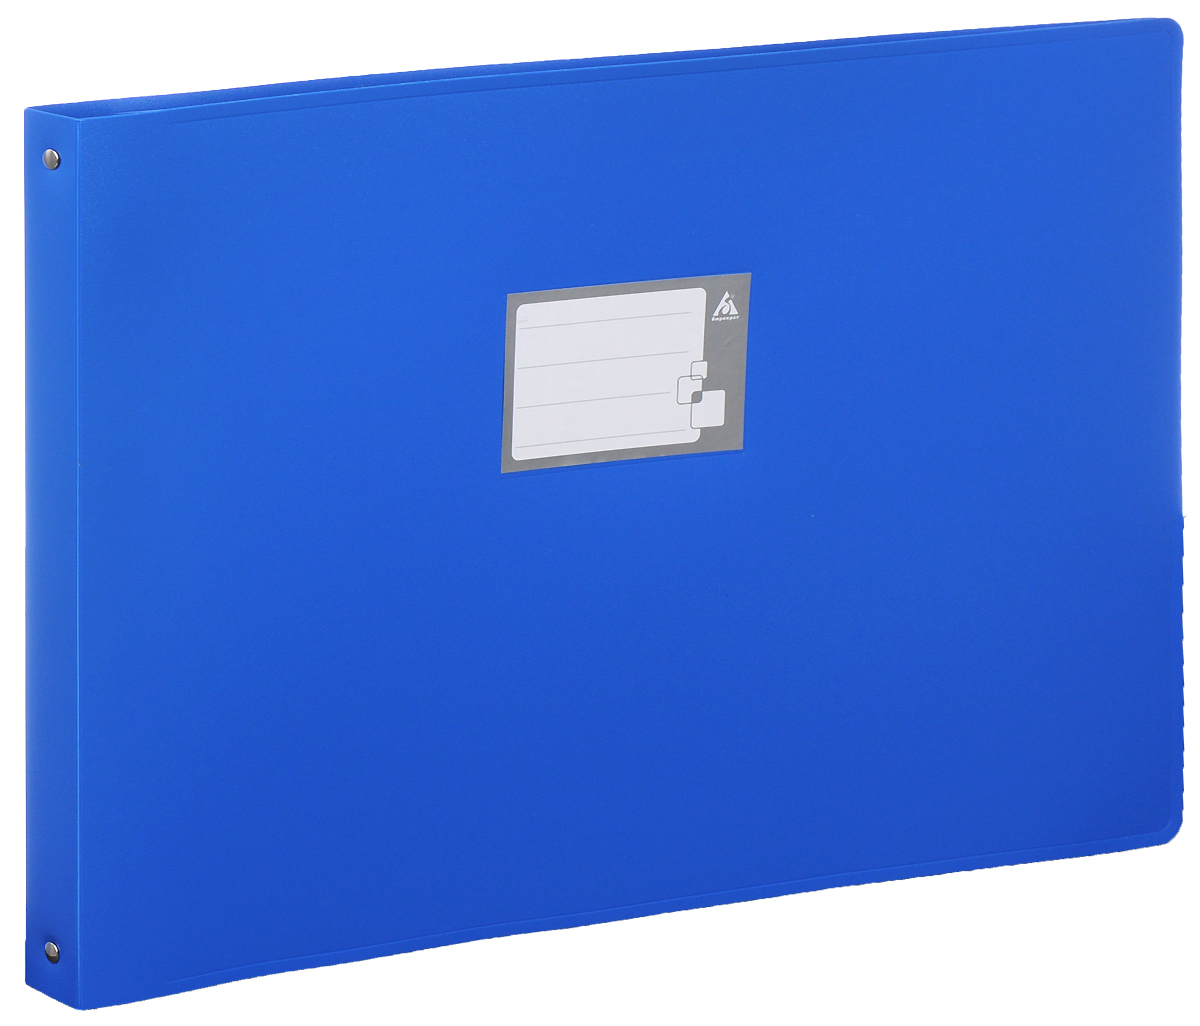 Бюрократ Папка на 4-х кольцах цвет синий 816570816570Надежная папка-уголок Бюрократ станет для вас незаменимым помощником в учебных или офисных делах.Папка-уголок формата А3 изготовлена из износоустойчивого пластика и предназначена хранения различных документов. Она оснащена 4 металлическими кольцами, которые позволят надежно закрепить все нужные документы. На обложке можно написать информацию о владельце или о содержимом папки. Такая папка всегда будет сохранять ваши документы в опрятном и чистом виде.